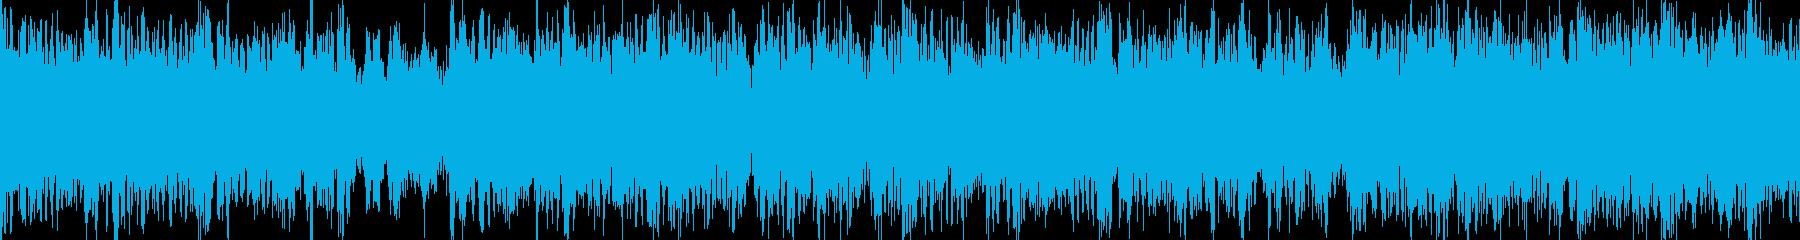 攻撃的なEギター ヘビーメタルサウンドの再生済みの波形